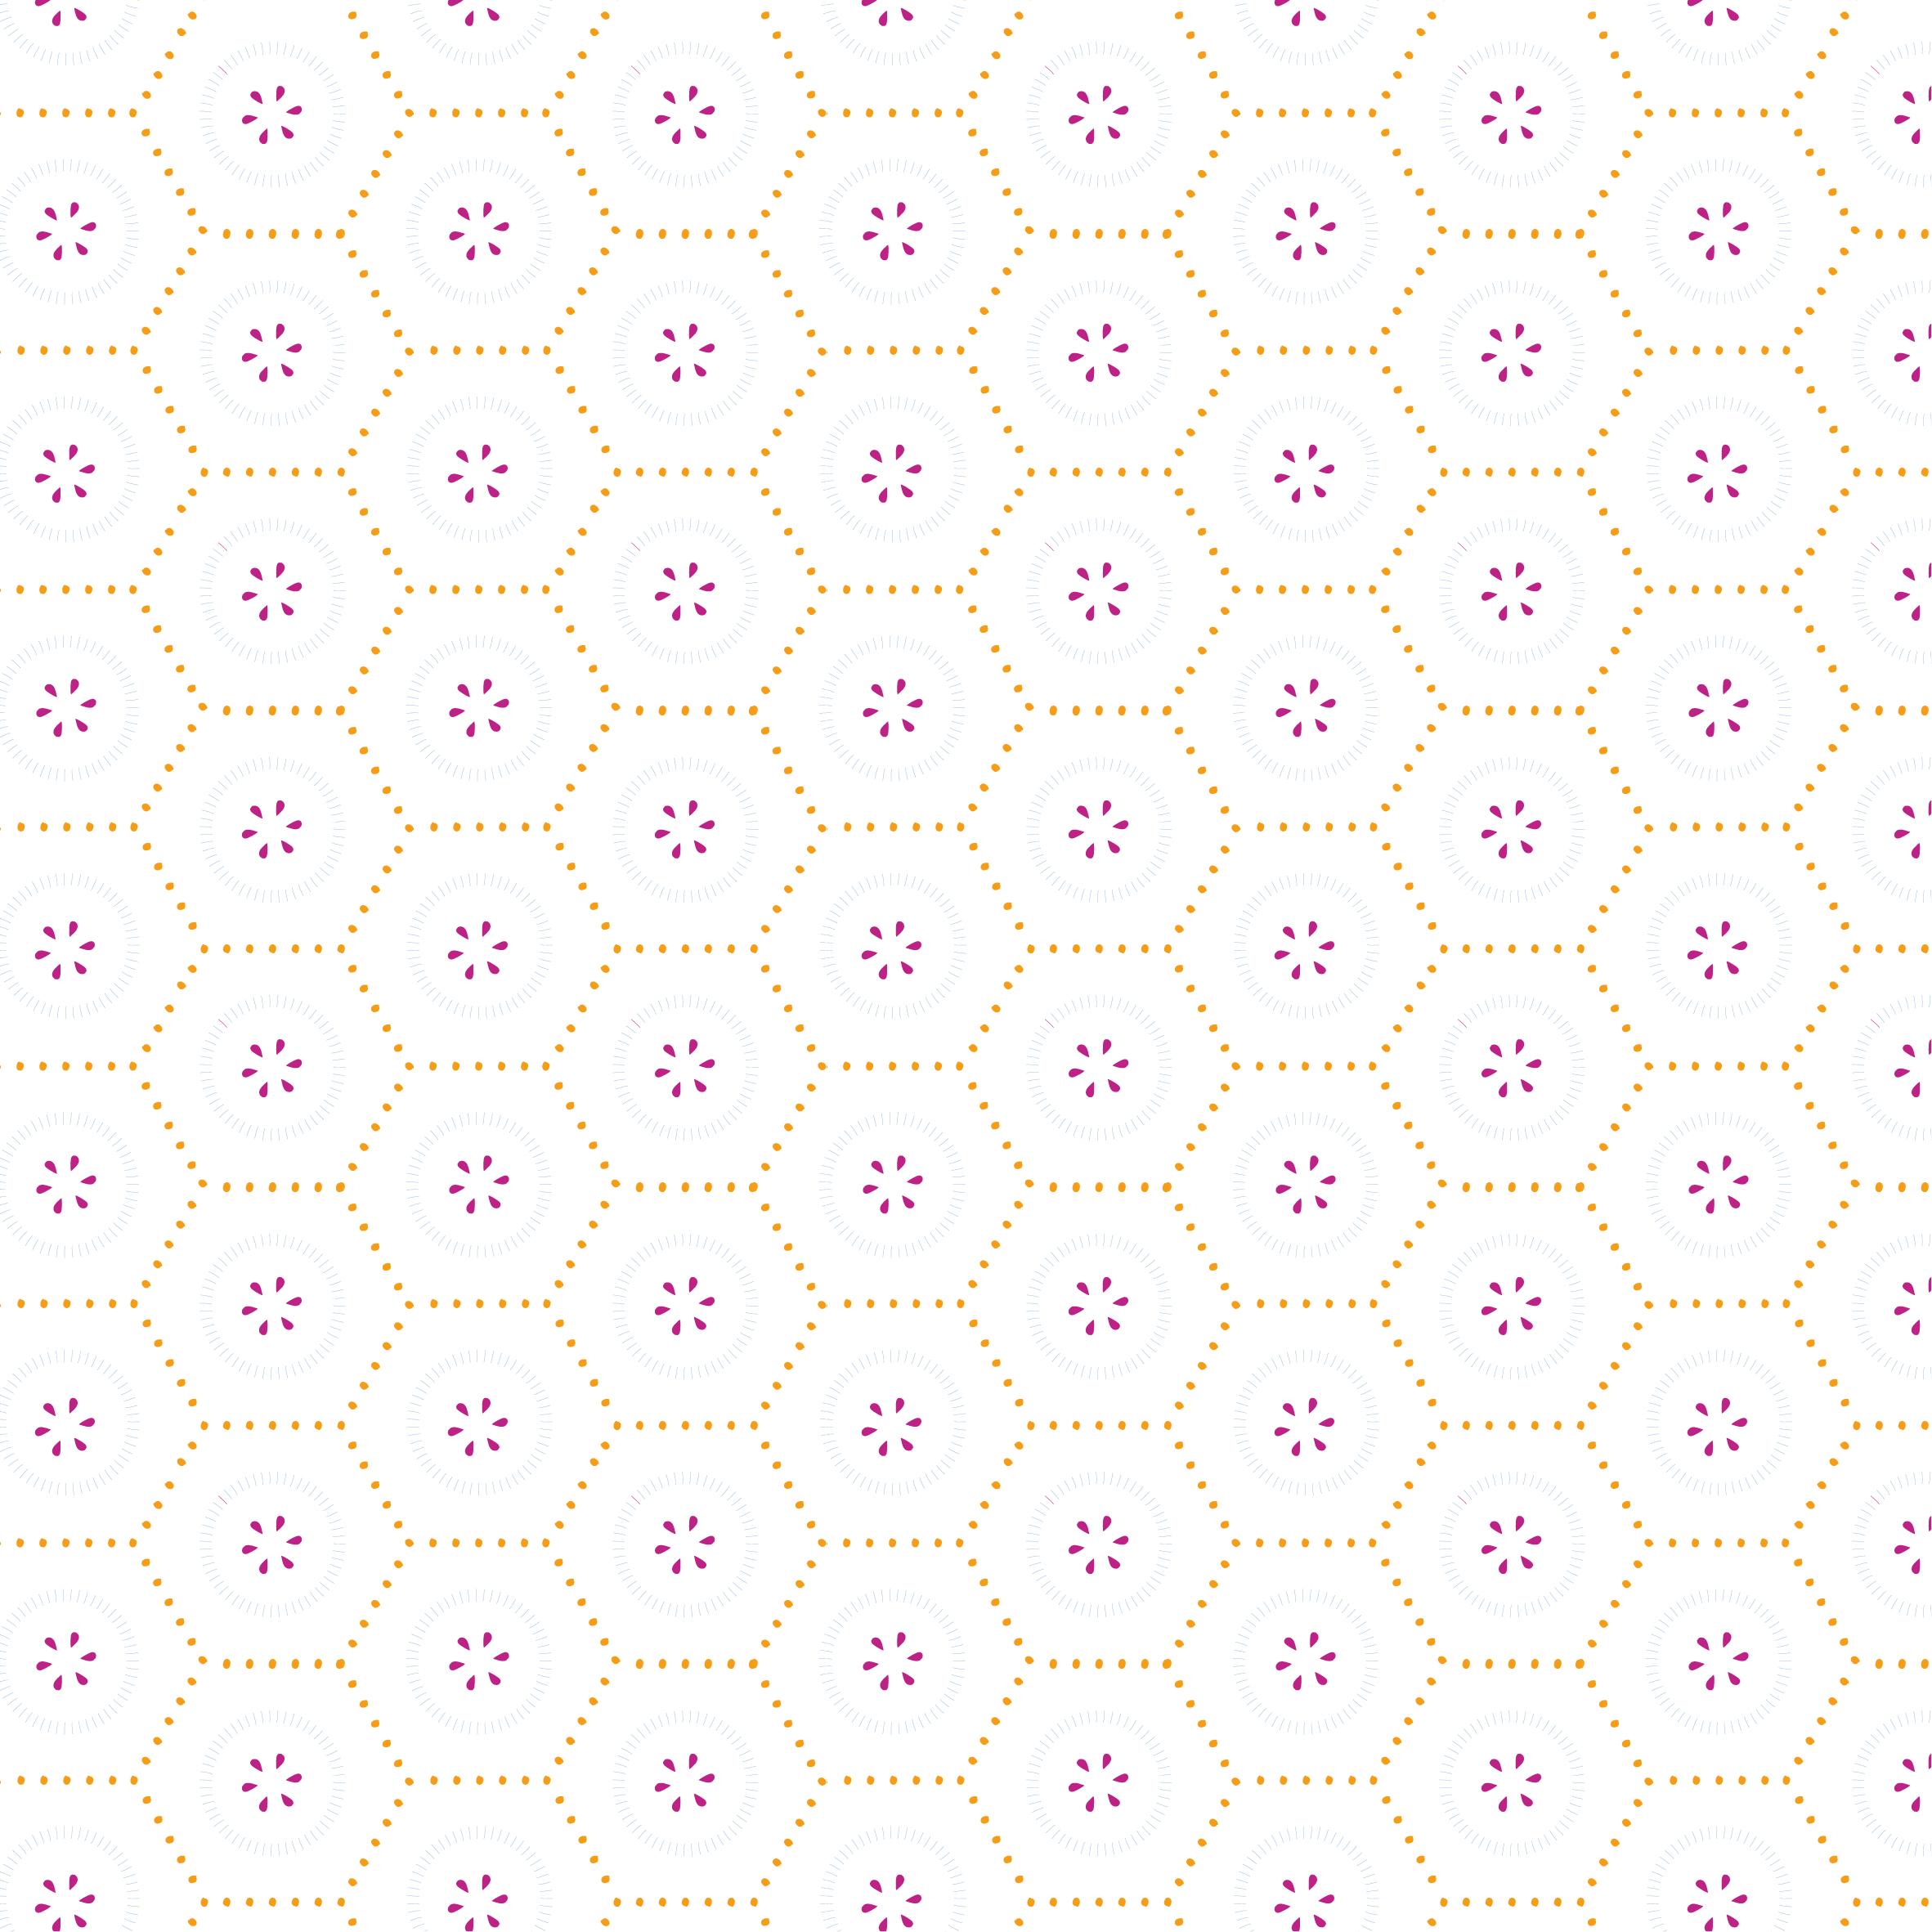 Motif géométrique, G3, Votre motif - POP'Home, Pop Home, produits éco-responsables, produits éco-responsables français, produits éco-responsables made in France, produits personnalisés, produits personnalisés français, produits personnalisés made in France, produits personnalisables, produits personnalisables français, produits personnalisables made in France, produits made in France, produits français, textiles éco-responsables, textiles éco-responsables français, textiles éco-responsables made in France, textiles français, textiles made in France, textiles personnalisés, textiles personnalisés français, textiles personnalisés made in France, textiles personnalisables, textiles personnalisables français, textiles personnalisables made in France, motif enfantin, motif géométrique, motif abstrait, motif fleuri, motif figuratif, textiles à motifs, textile à motifs, produits à motifs, produit à motifs, produits à personnaliser, produits salle de bain, produits maison, produits salle de bain personnalisables, produits maison personnalisables, papeterie, papeterie personnalisable, papeterie personnalisé, cadeau personnalisé, idée cadeau, idée cadeau personnalisé, cadeau made in France, made in France, produit unique, produit écologique, décoration d'intérieur, motifs, objet unique, objet personnalisé, objet personnalisable, objet made in France, produit made in France, produits écologiques, objets écologiques, créatrice française, designer, Eloïse Abadia-Pacitti